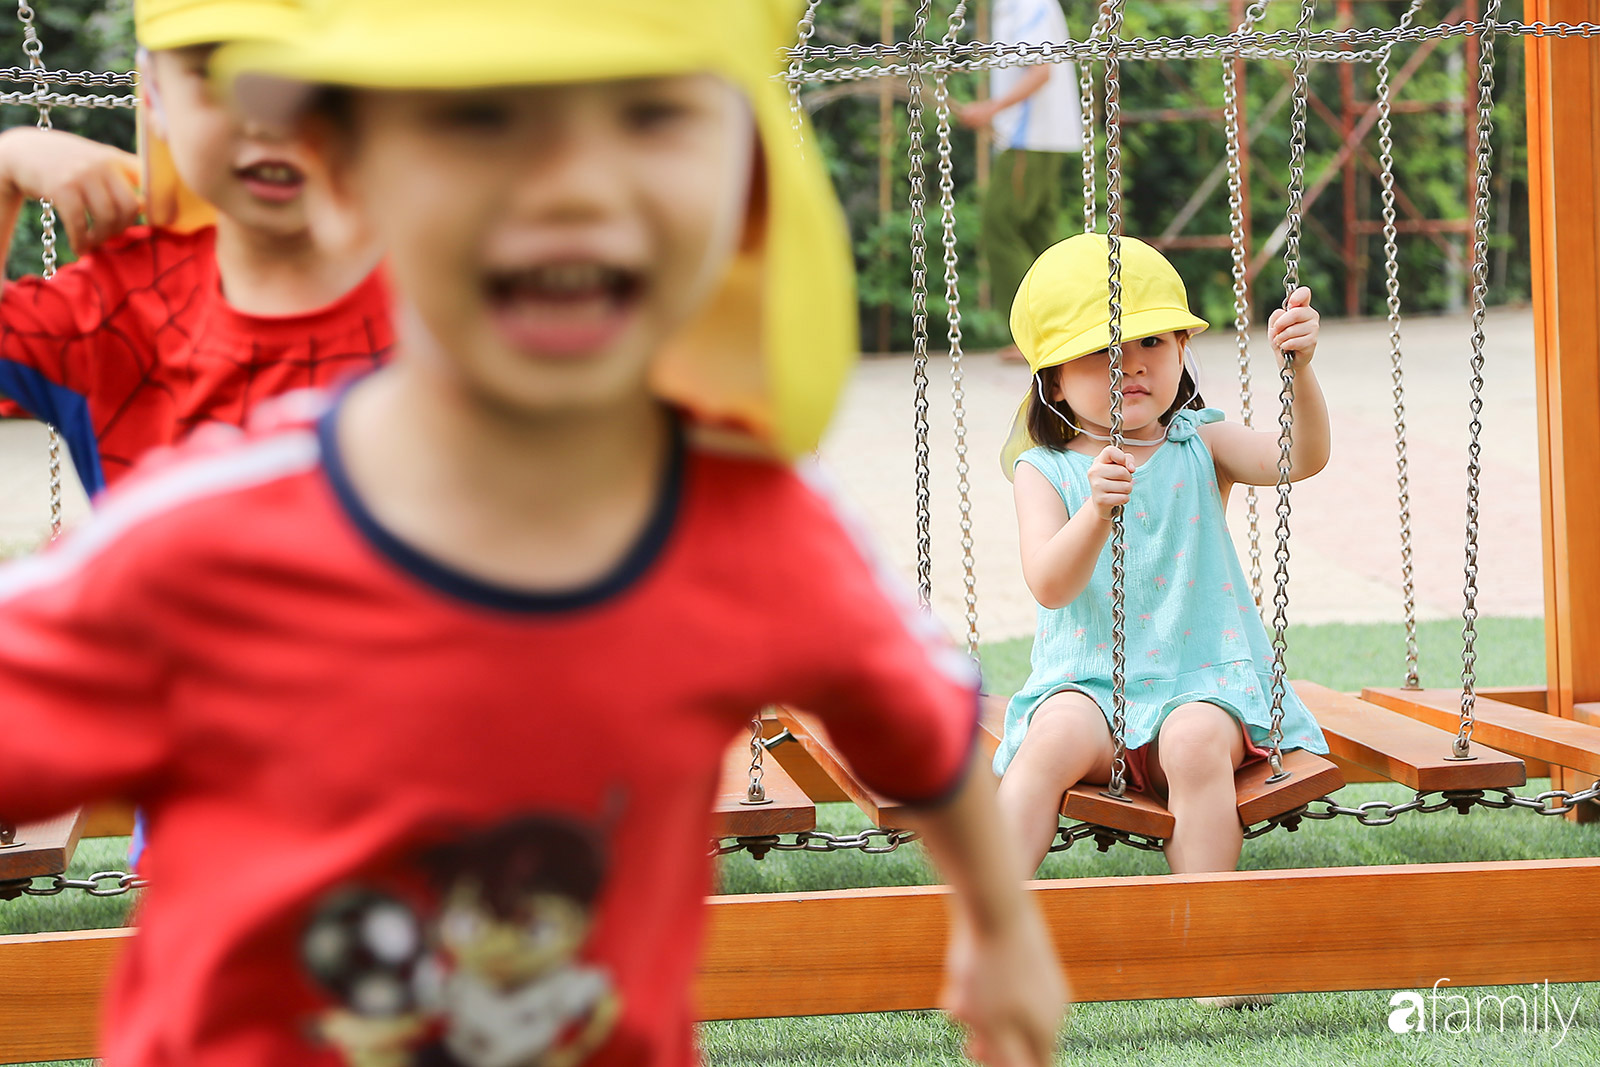 Đi học để tìm ra hạnh phúc - Điều đã đốn tim tôi khi đến thăm một ngôi trường chuẩn Nhật tại Hà Nội - Ảnh 16.